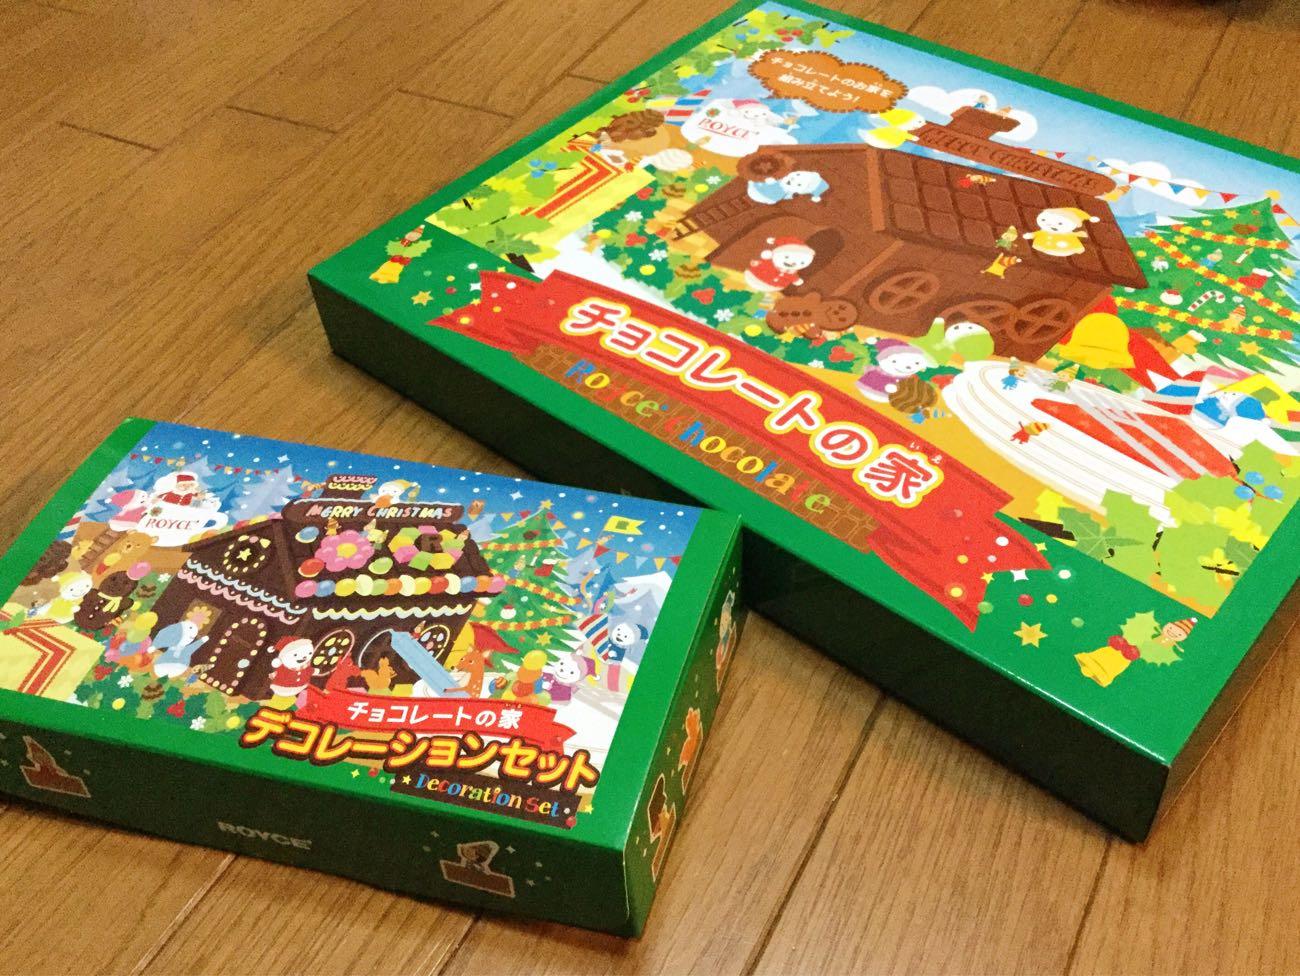 「チョコレートの家」と「デコレーションセット」